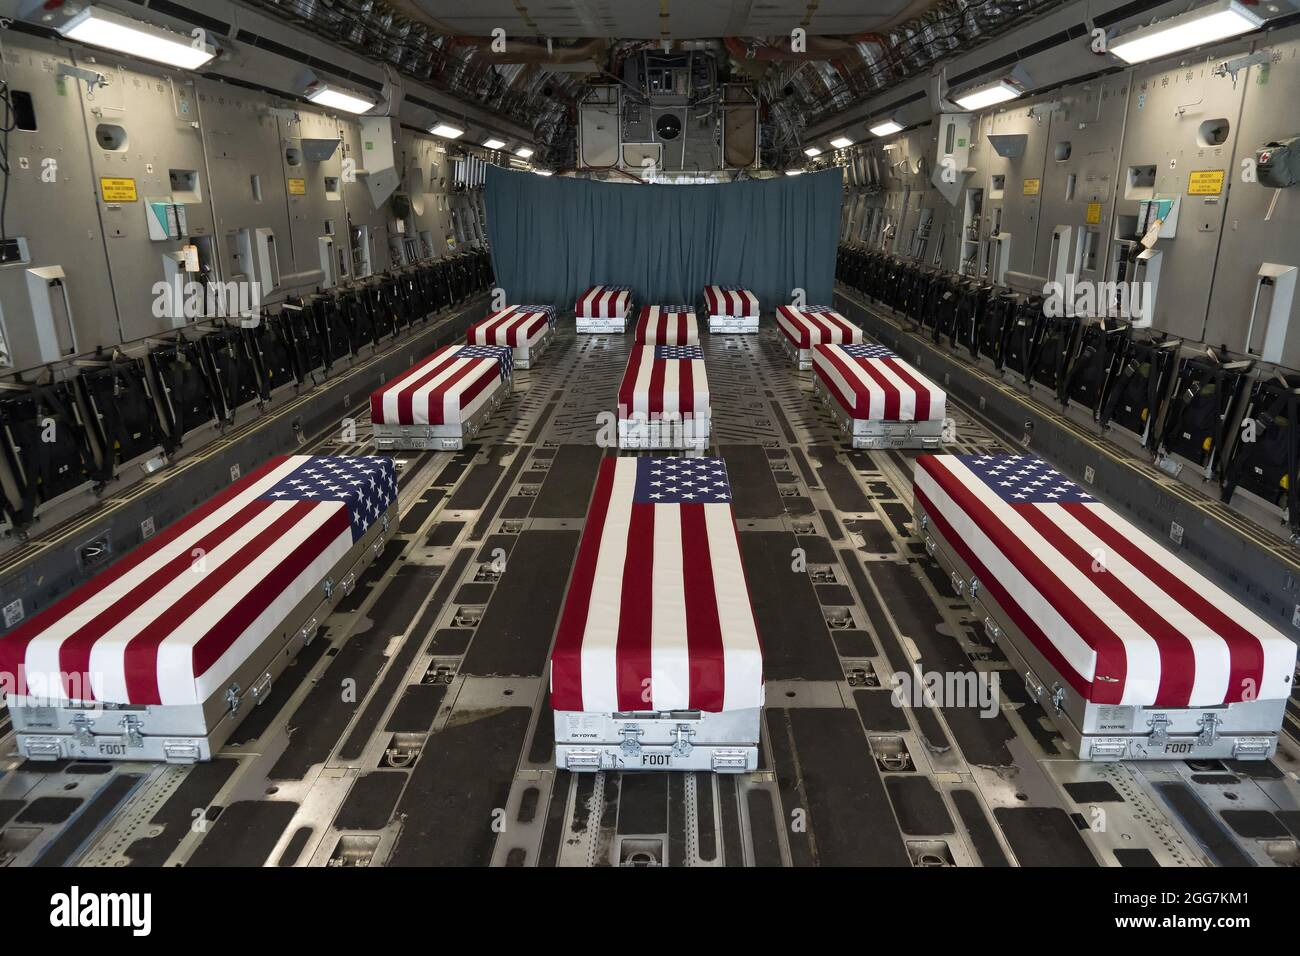 Le scatole di trasferimento drappeggiate da bandiere si allineano all'interno di un C-17 Globemaster II il 29 agosto 2021 prima di un trasferimento dignitoso alla base dell'aeronautica di dover in Delaware. I membri del servizio caduti sono morti mentre sostenevano operazioni non combattenti a Kabul. Foto di Jason Minto/U.S.A. Air Force/UPI Credit: UPI/Alamy Live News Foto Stock